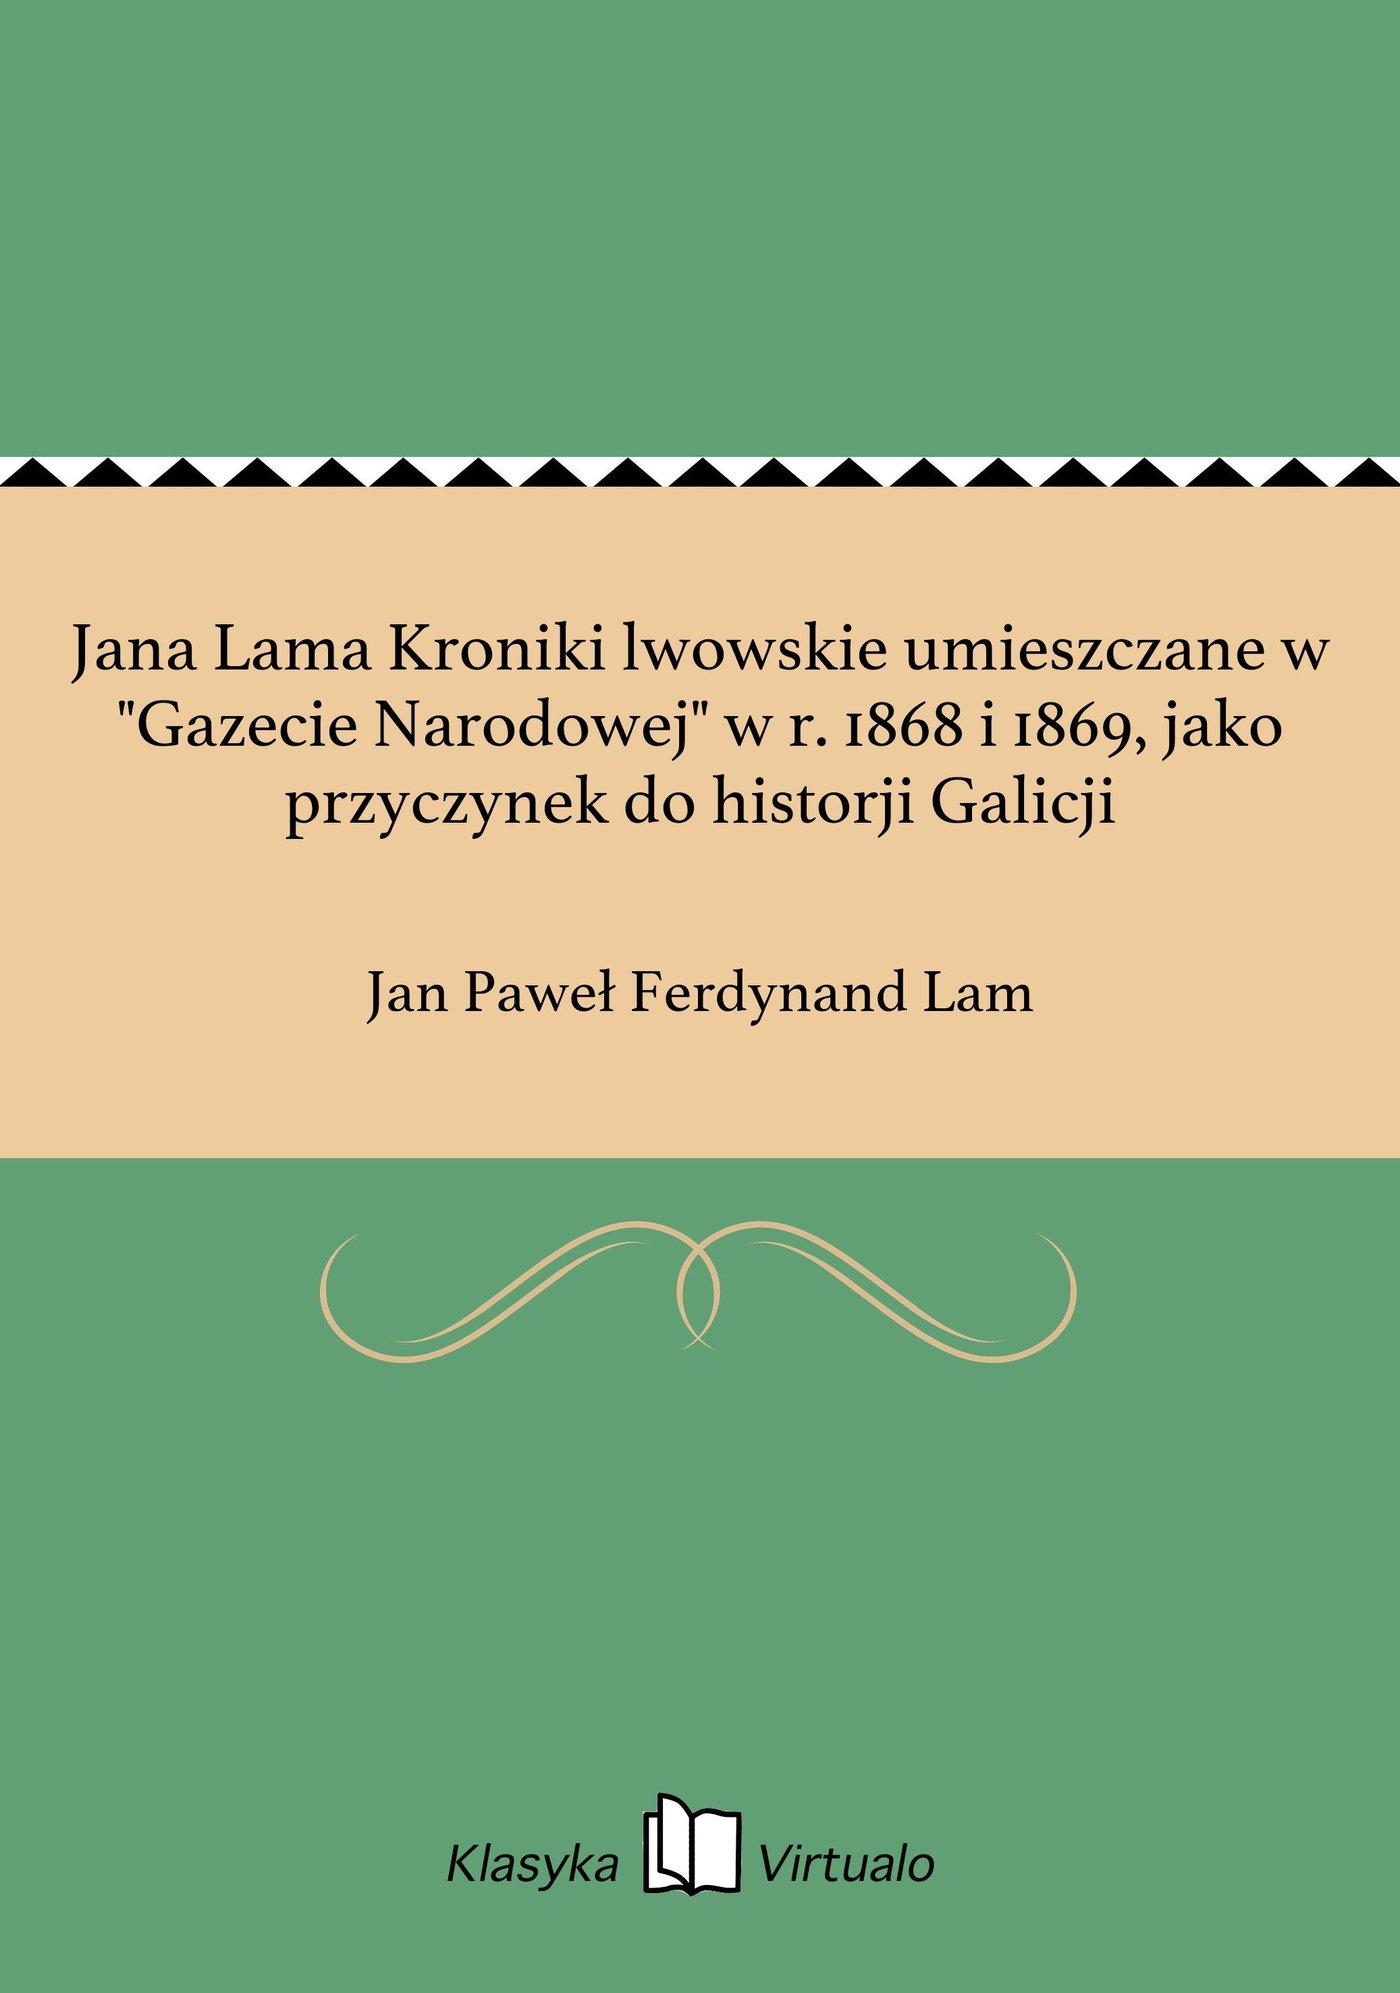 """Jana Lama Kroniki lwowskie umieszczane w """"Gazecie Narodowej"""" w r. 1868 i 1869, jako przyczynek do historji Galicji - Ebook (Książka EPUB) do pobrania w formacie EPUB"""